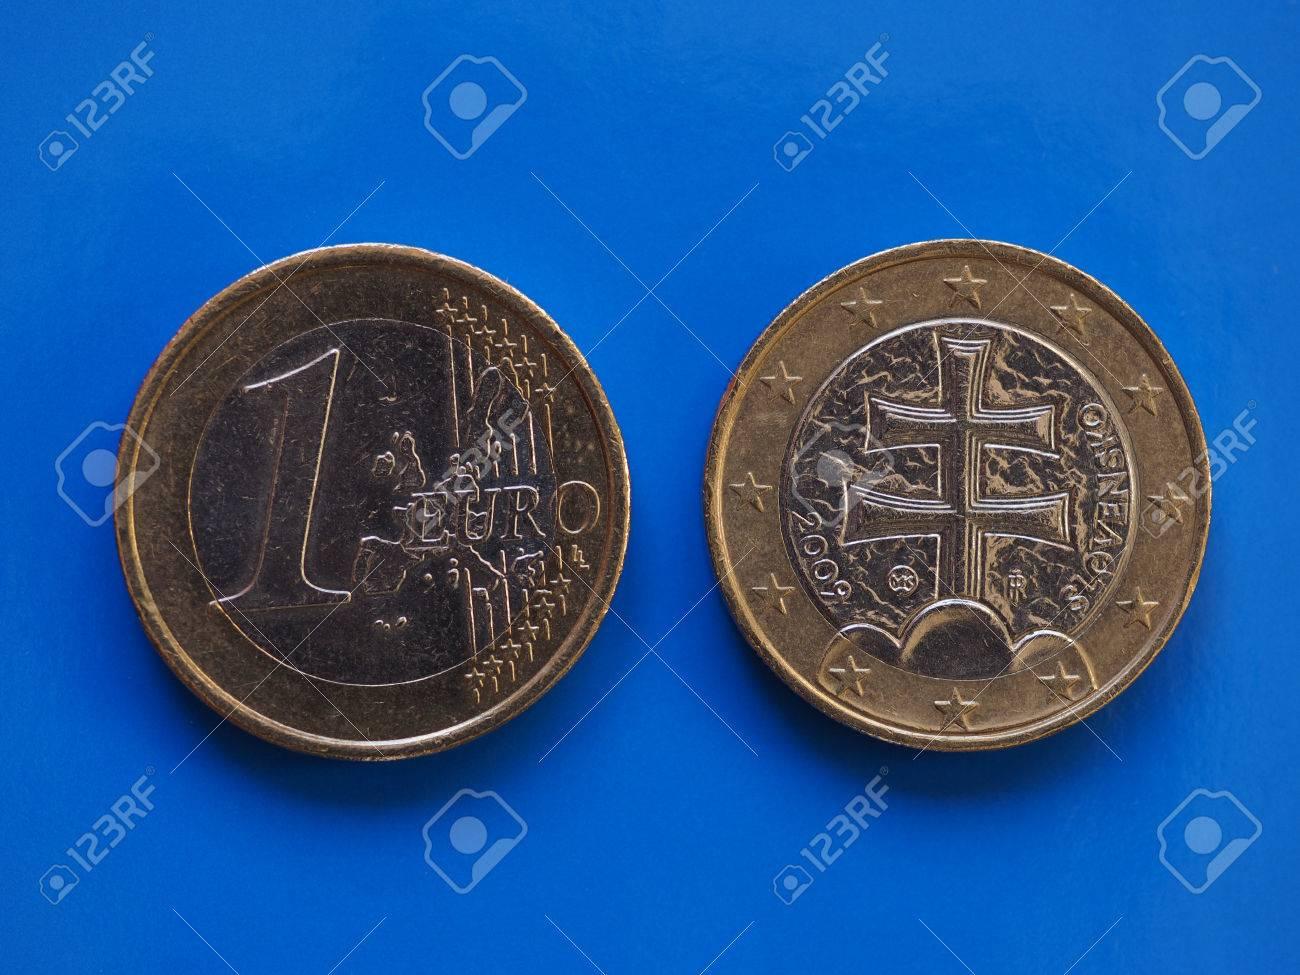 1 Euro Münze Geld Eur Währung Der Europäischen Union Slowakei